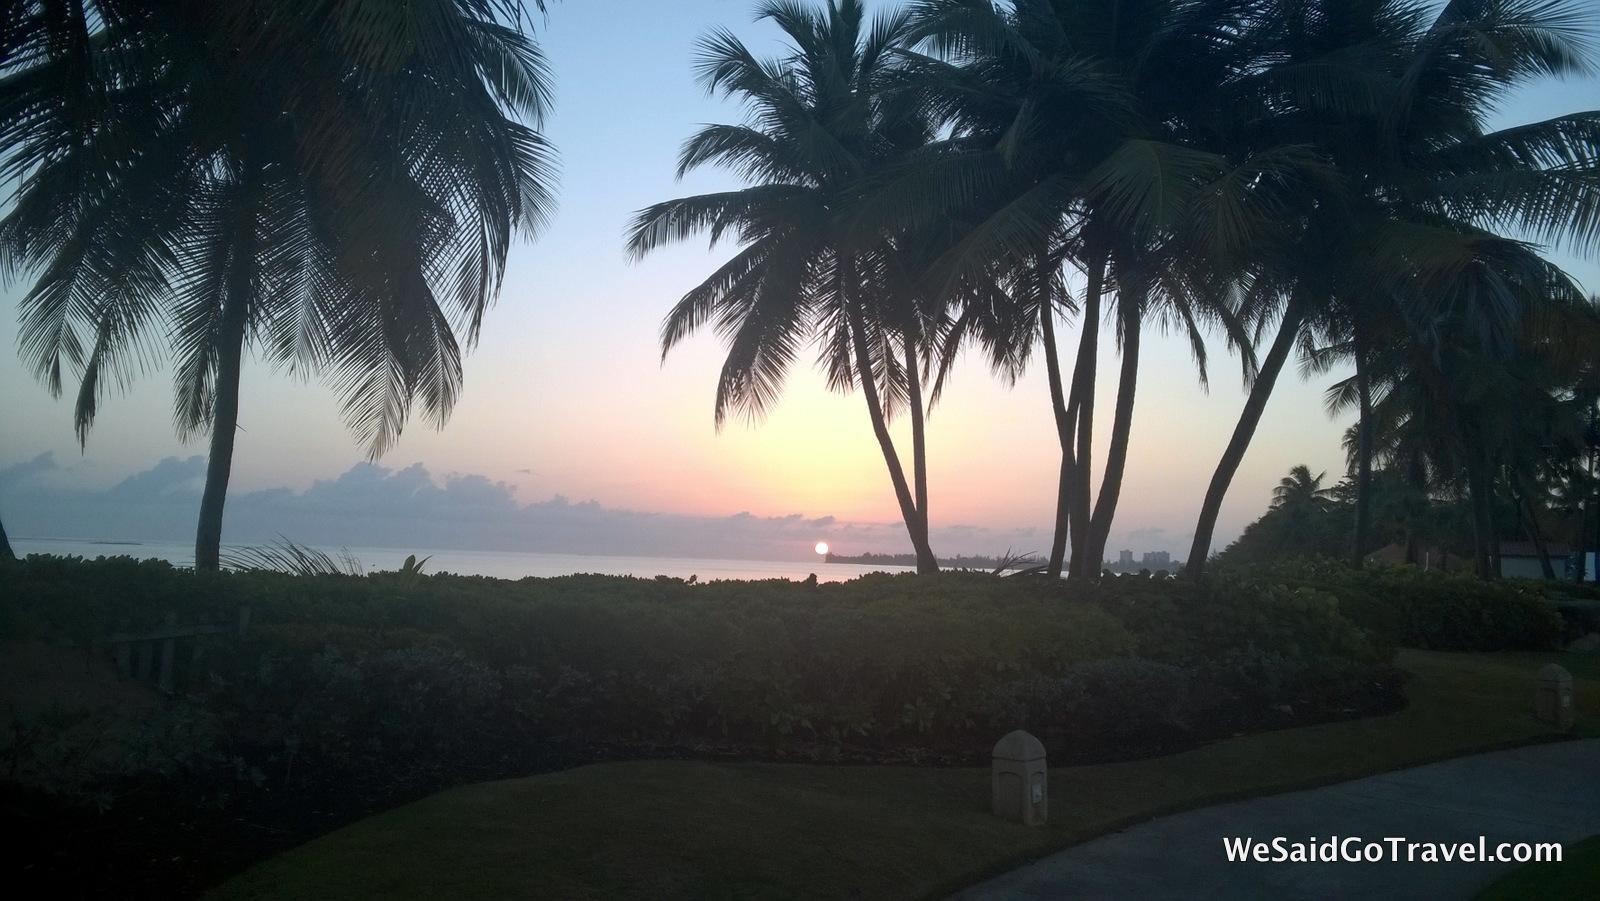 Sunrise Wyndham Grand Rio Mar